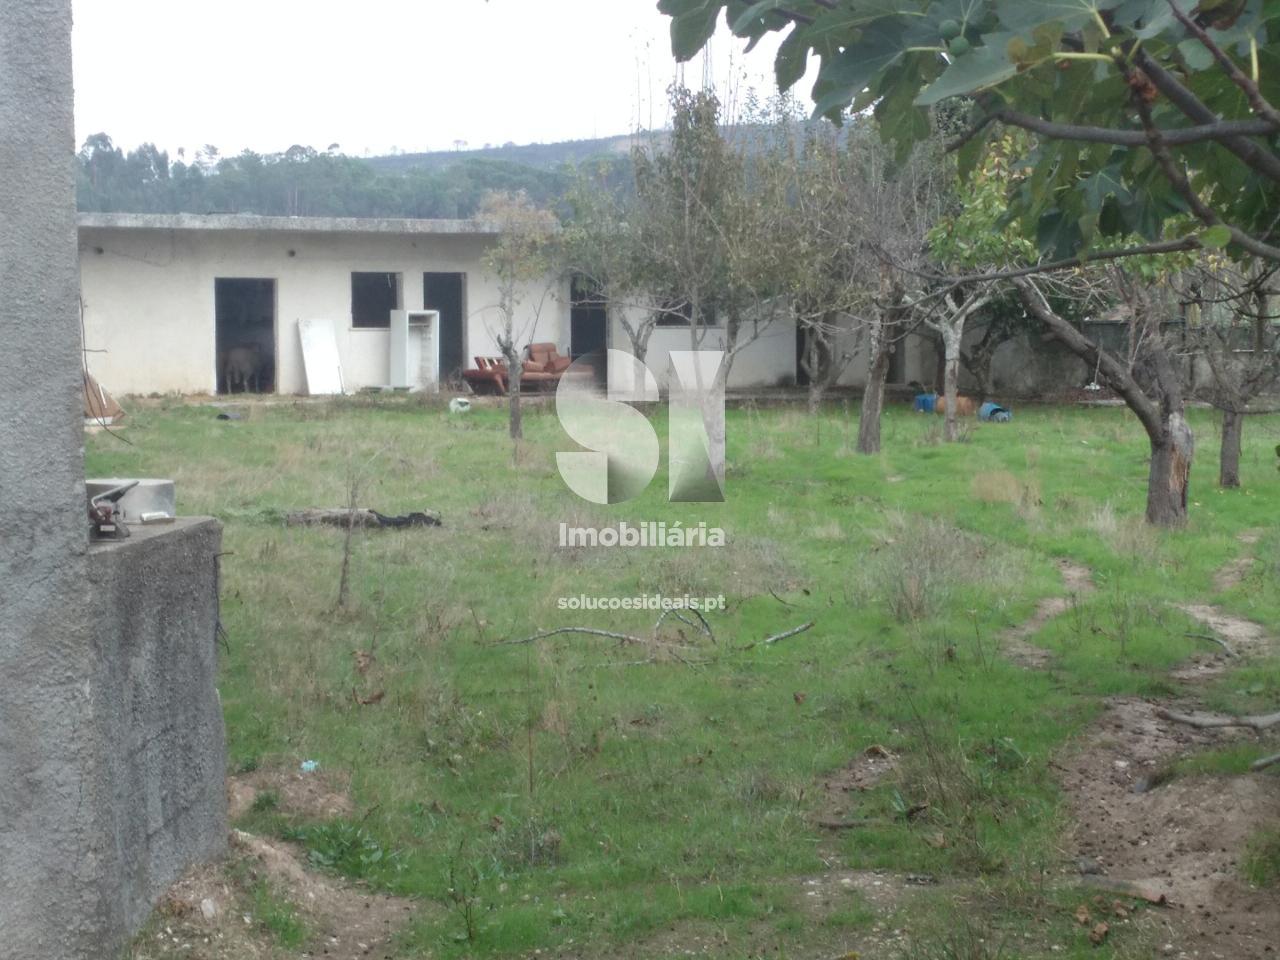 quinta para compra em condeixaanova uniao das freguesias de condeixaavelha e condeixaanova CDXCC2156